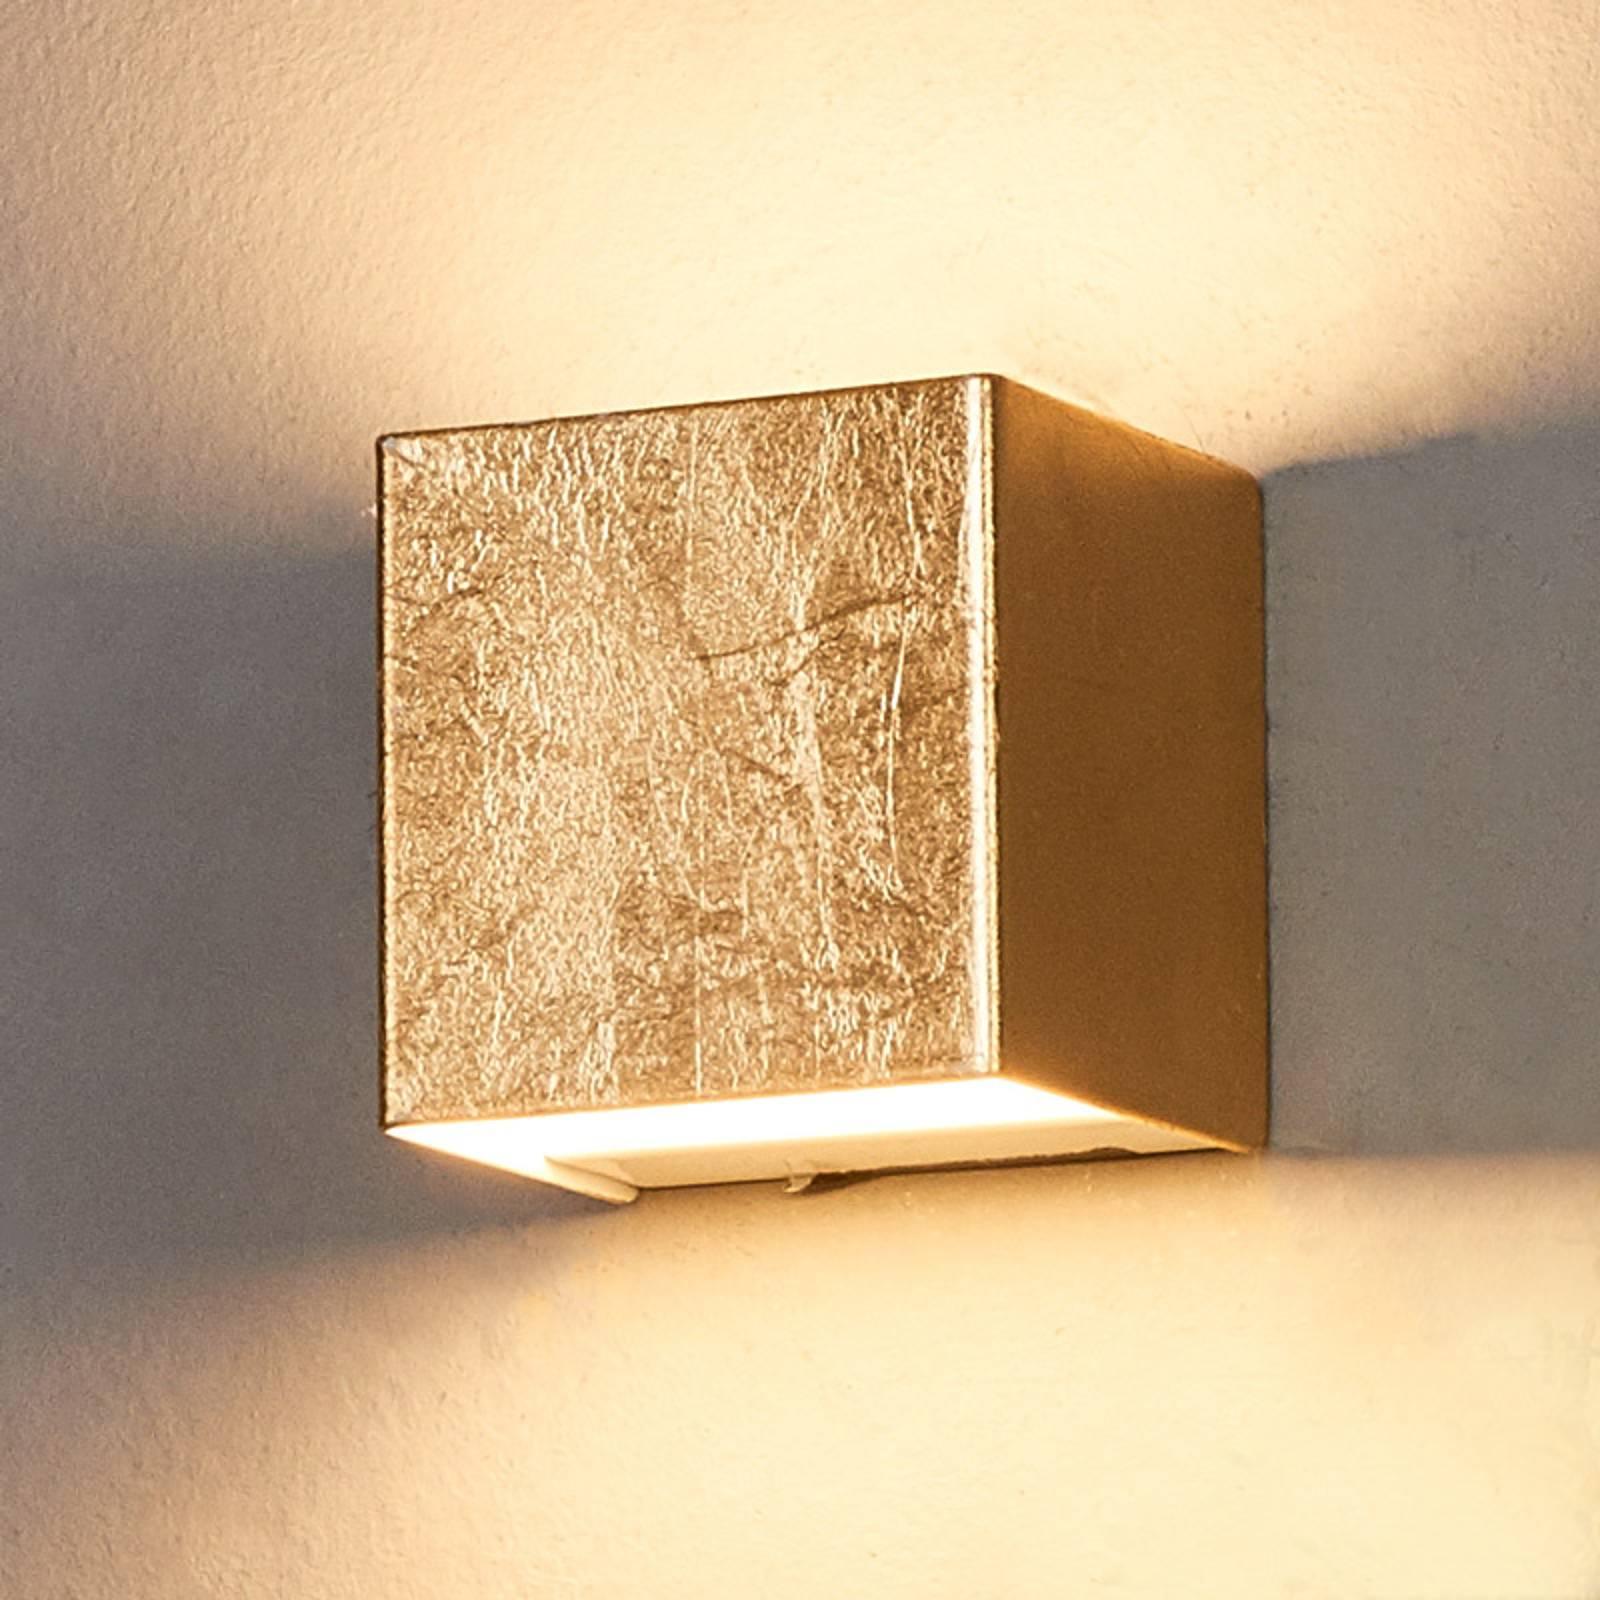 Kullanvärinen LED-seinävalaisin Quentin, 9 cm